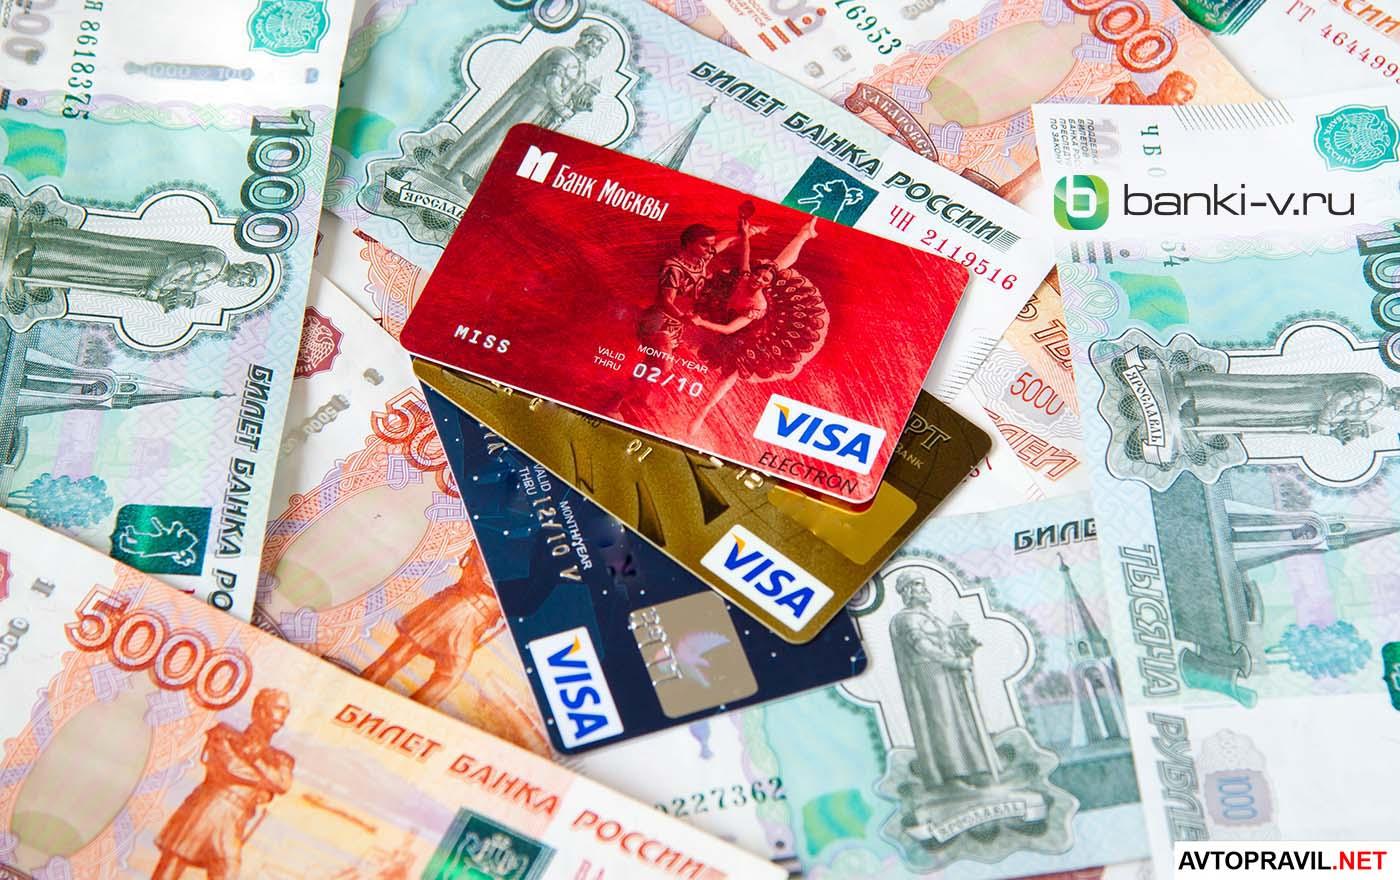 кредитный карты банков на рублях